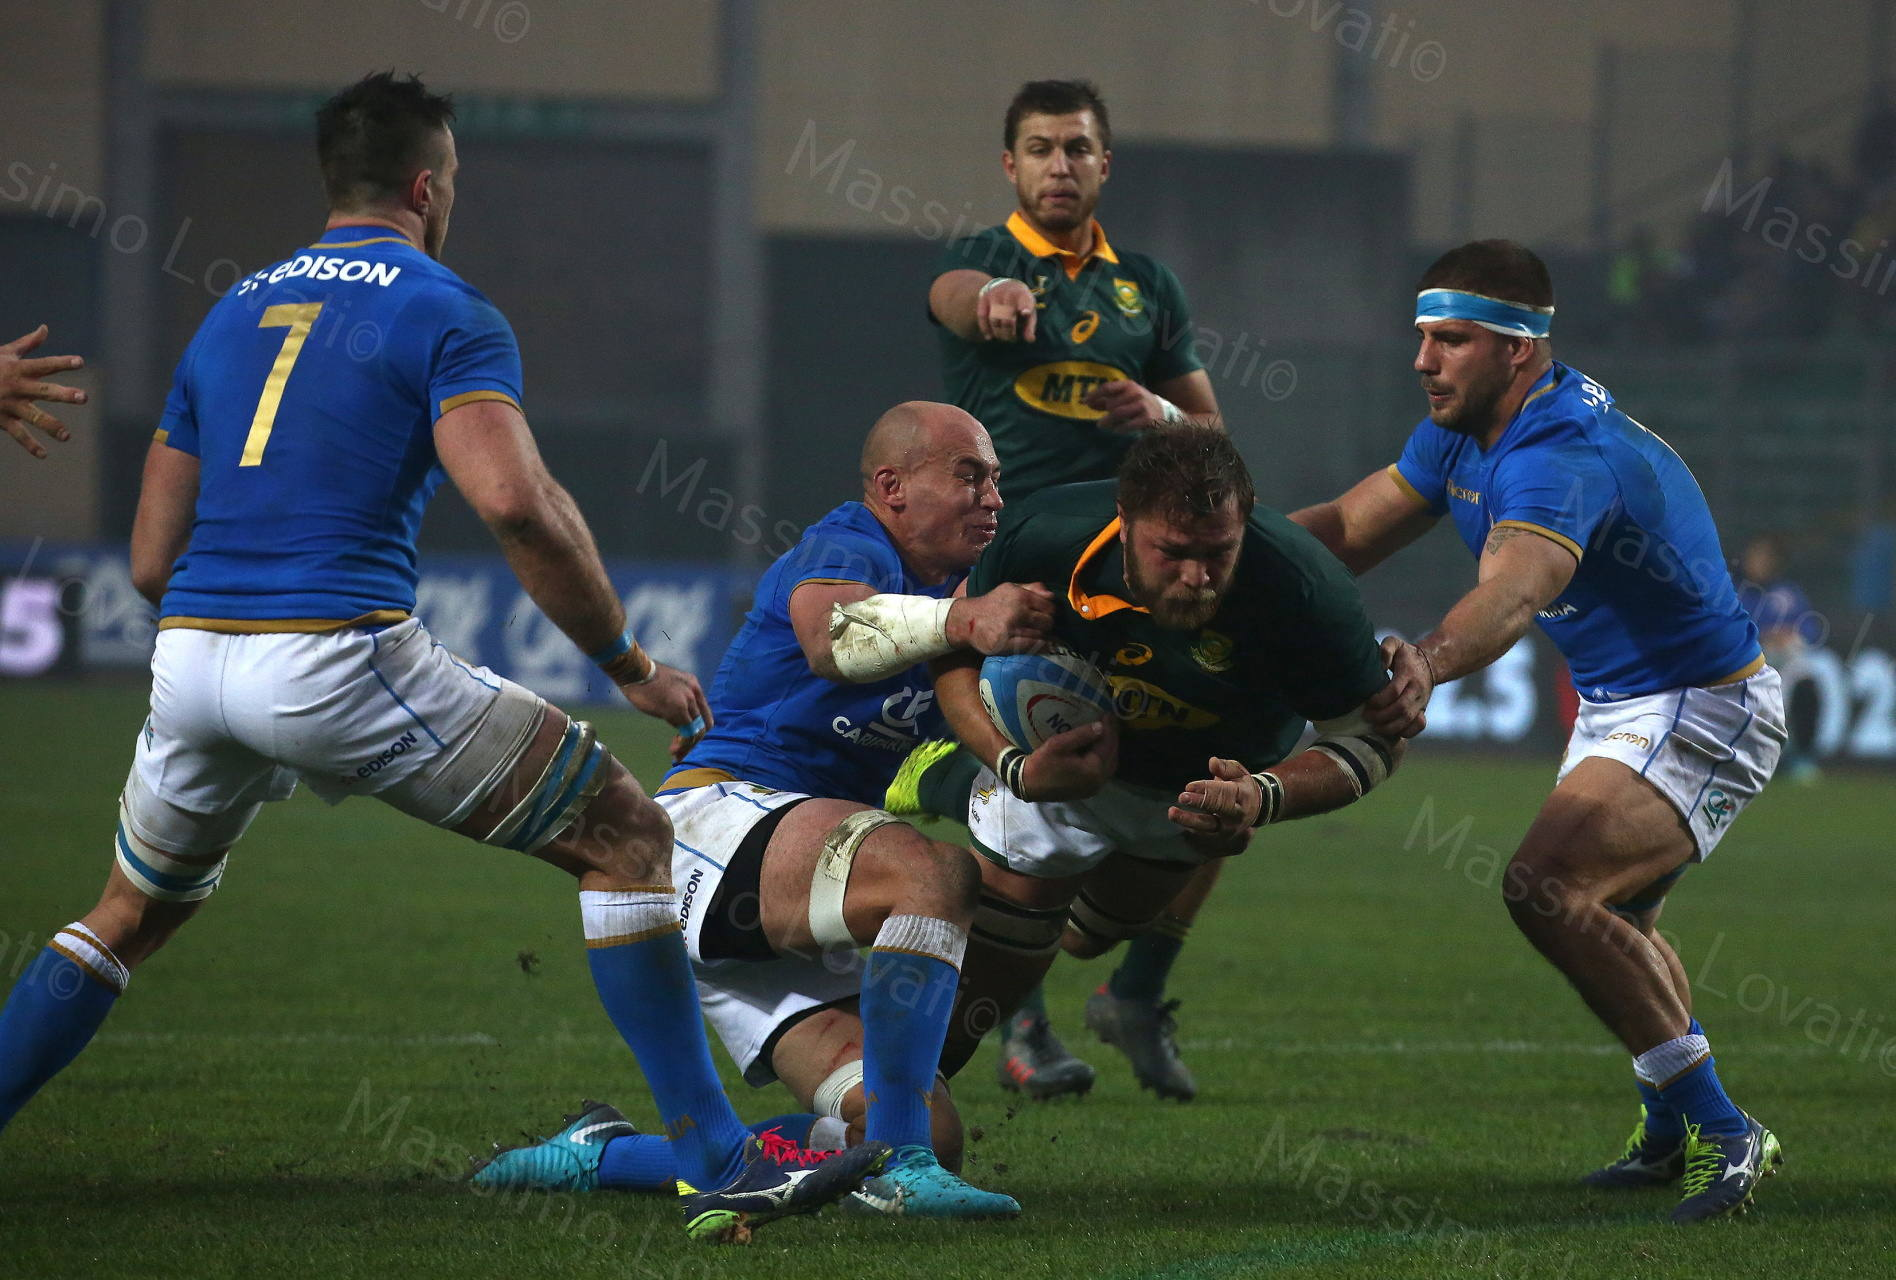 25/11/2017 Padova Rugby Test Match Italia - Sudafrica, nella foto Parisse placca Vermeulen